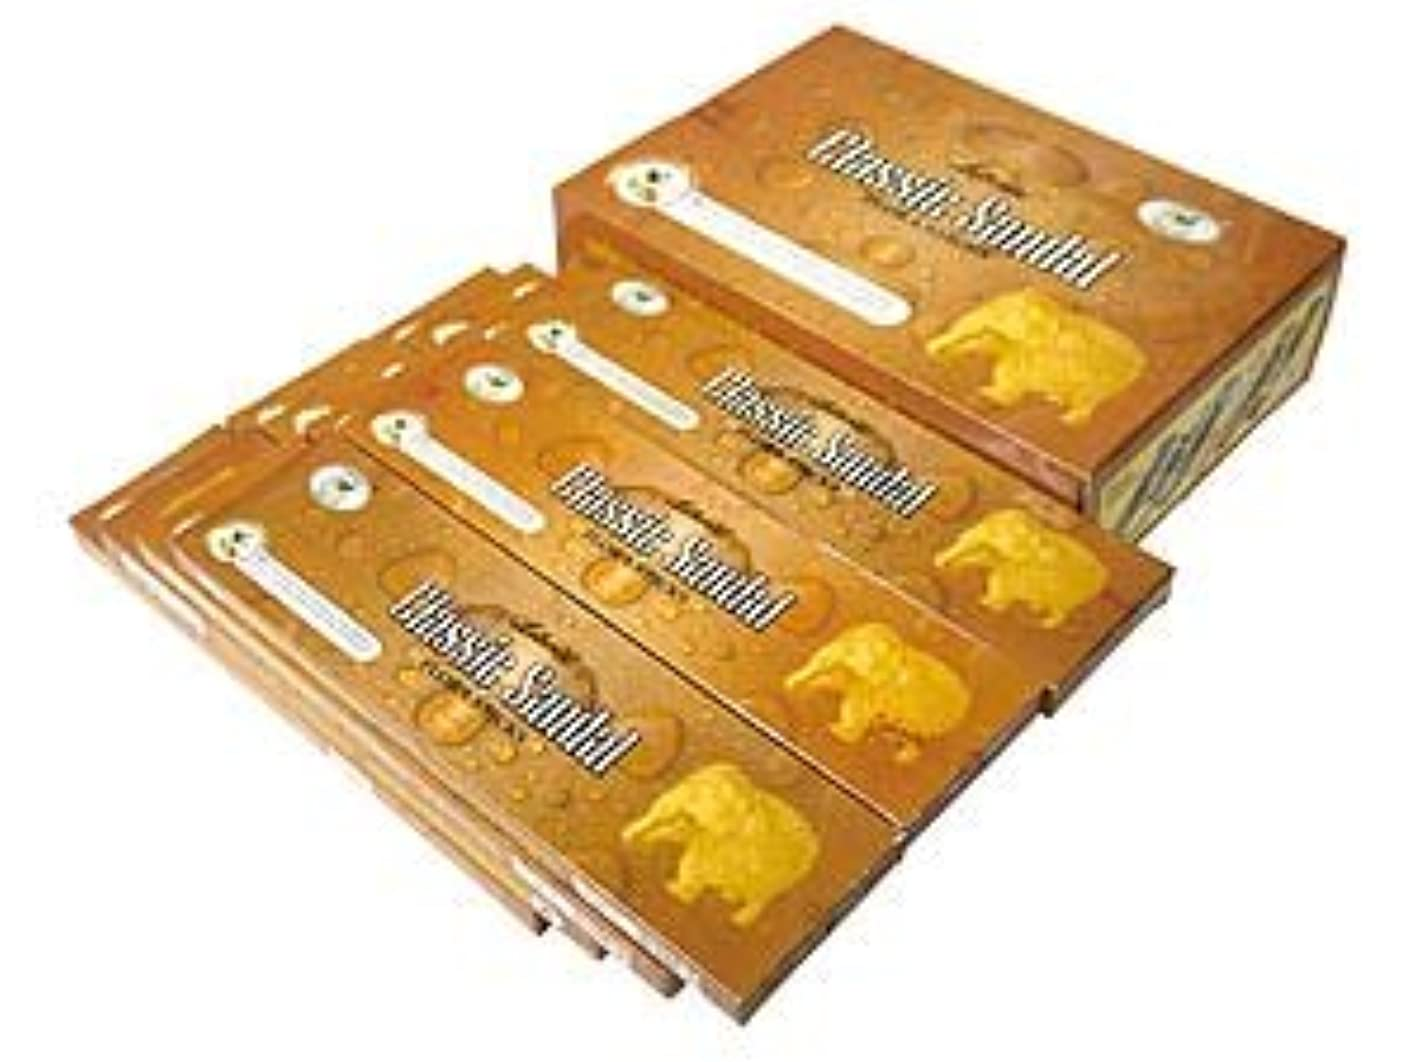 圧縮するジョージエリオットバケットLIBERTY'S(リバティーズ) クラシックサンダル香 スティック CLASSICSANDAL 12箱セット